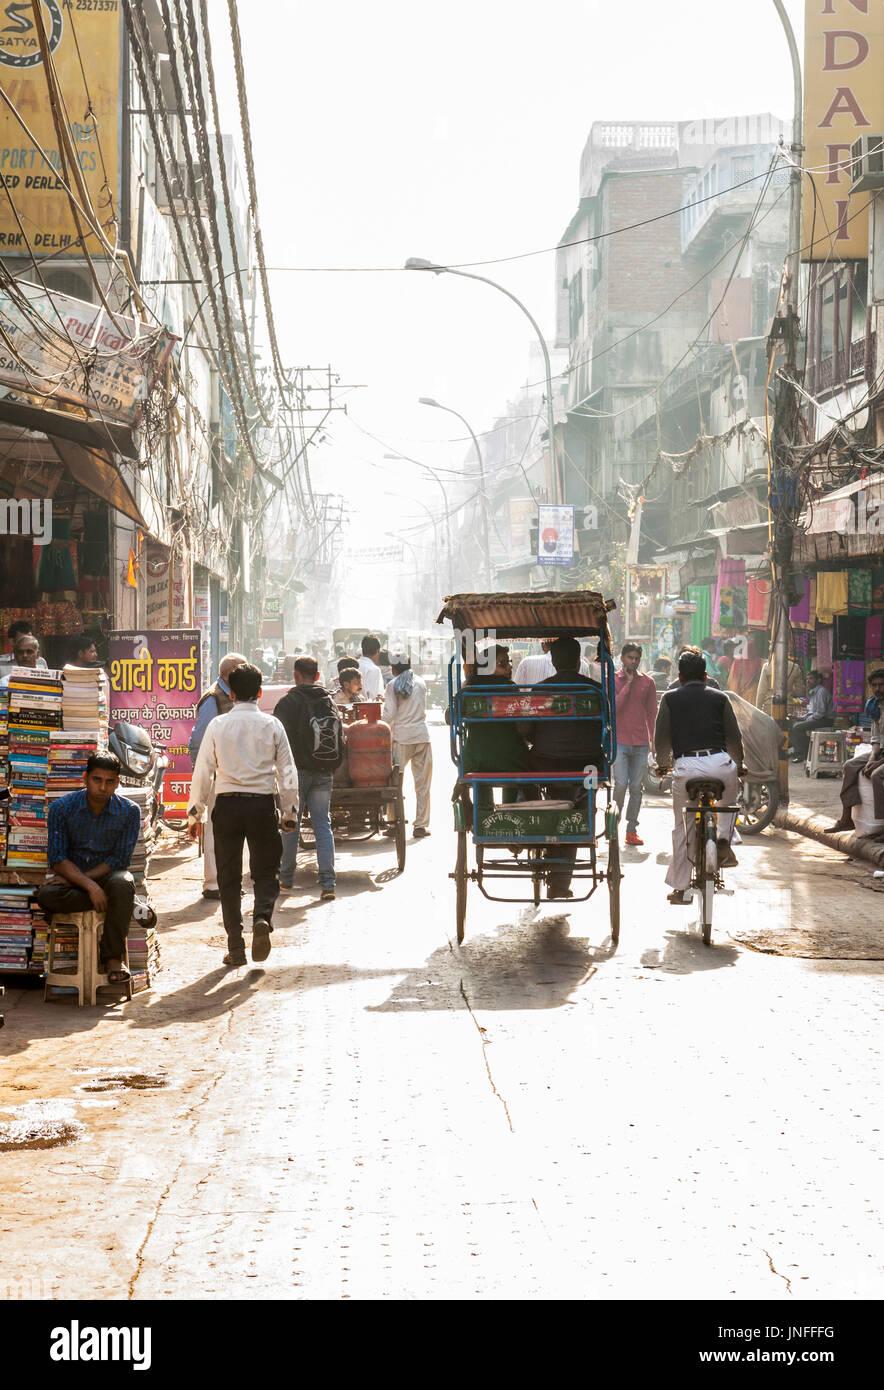 Une scène de rue à Chandni Chowk, l'un des plus anciens et les plus actifs dans les marchés de Delhi, Inde. Photo Stock